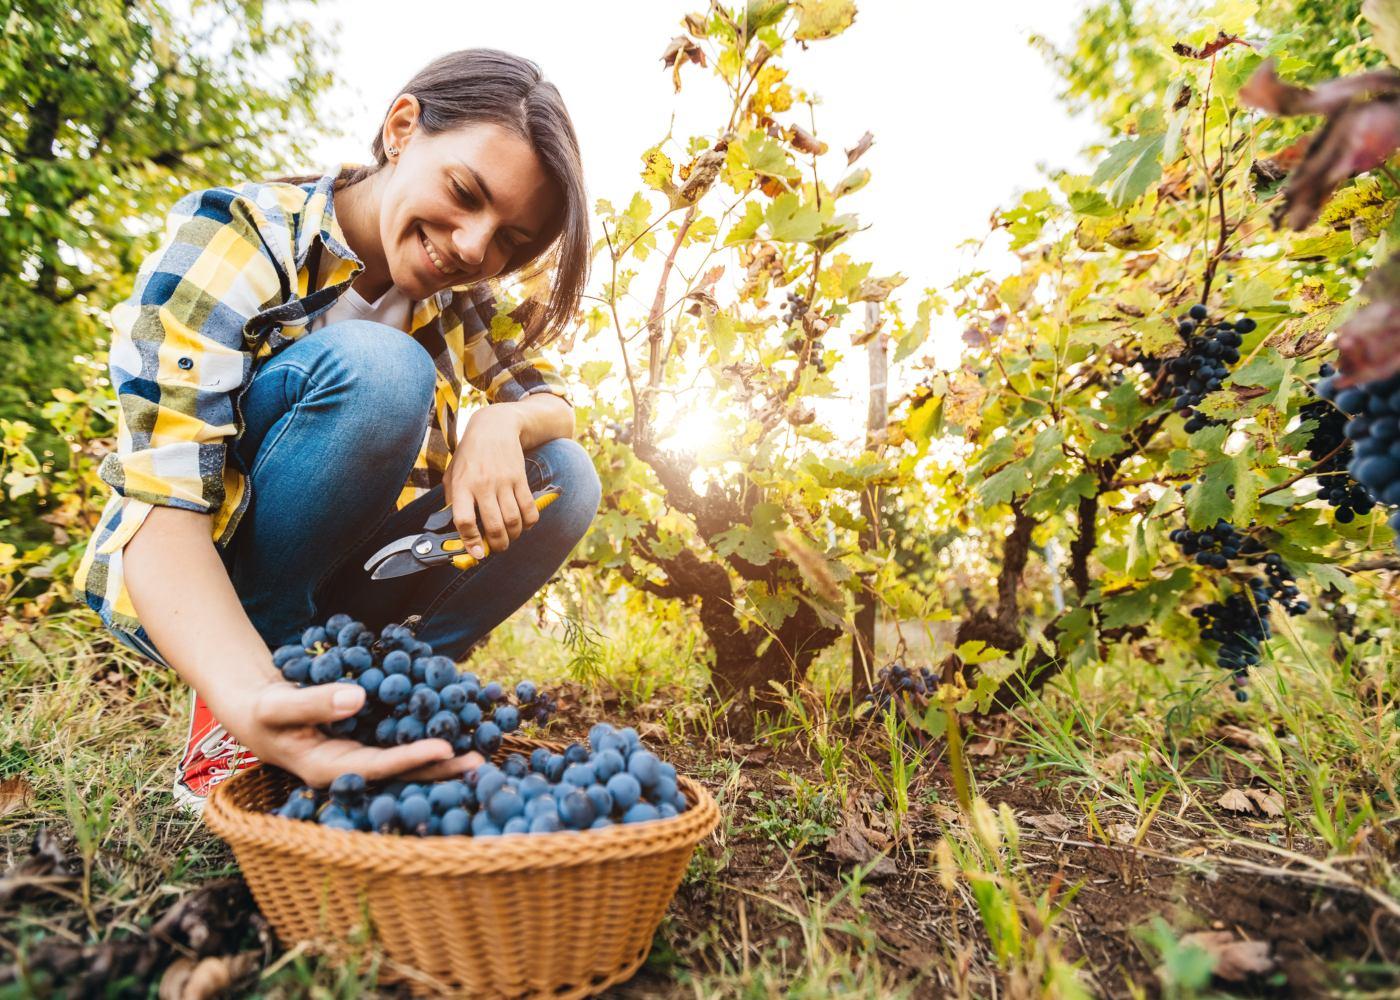 mulher a colocar uvas das vindimas dentro de um cesto